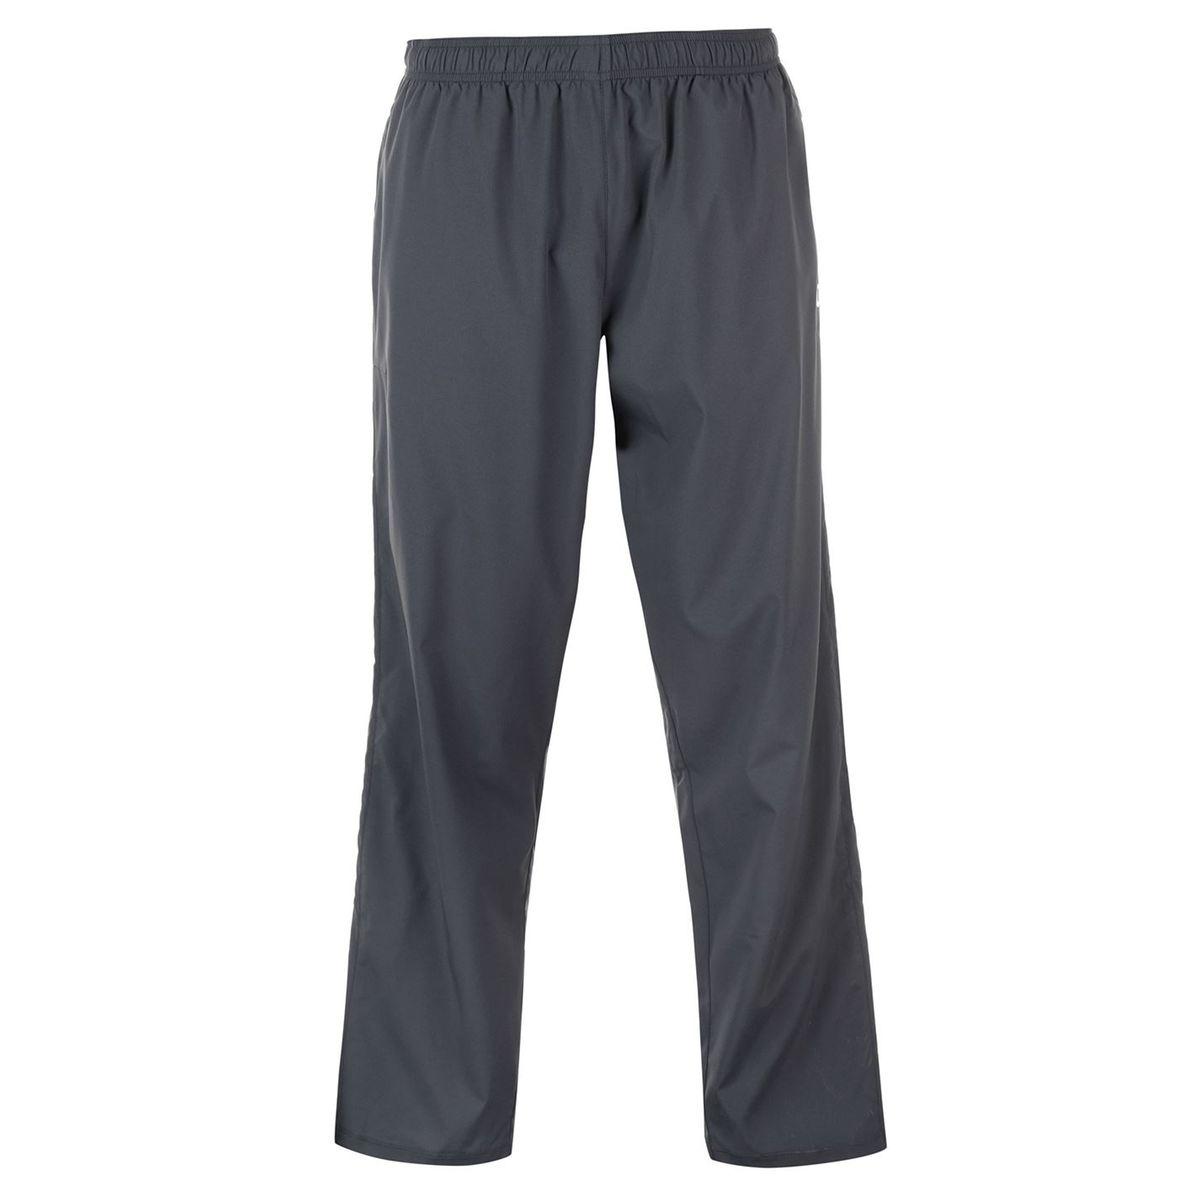 Pantalon de survêtement tissé